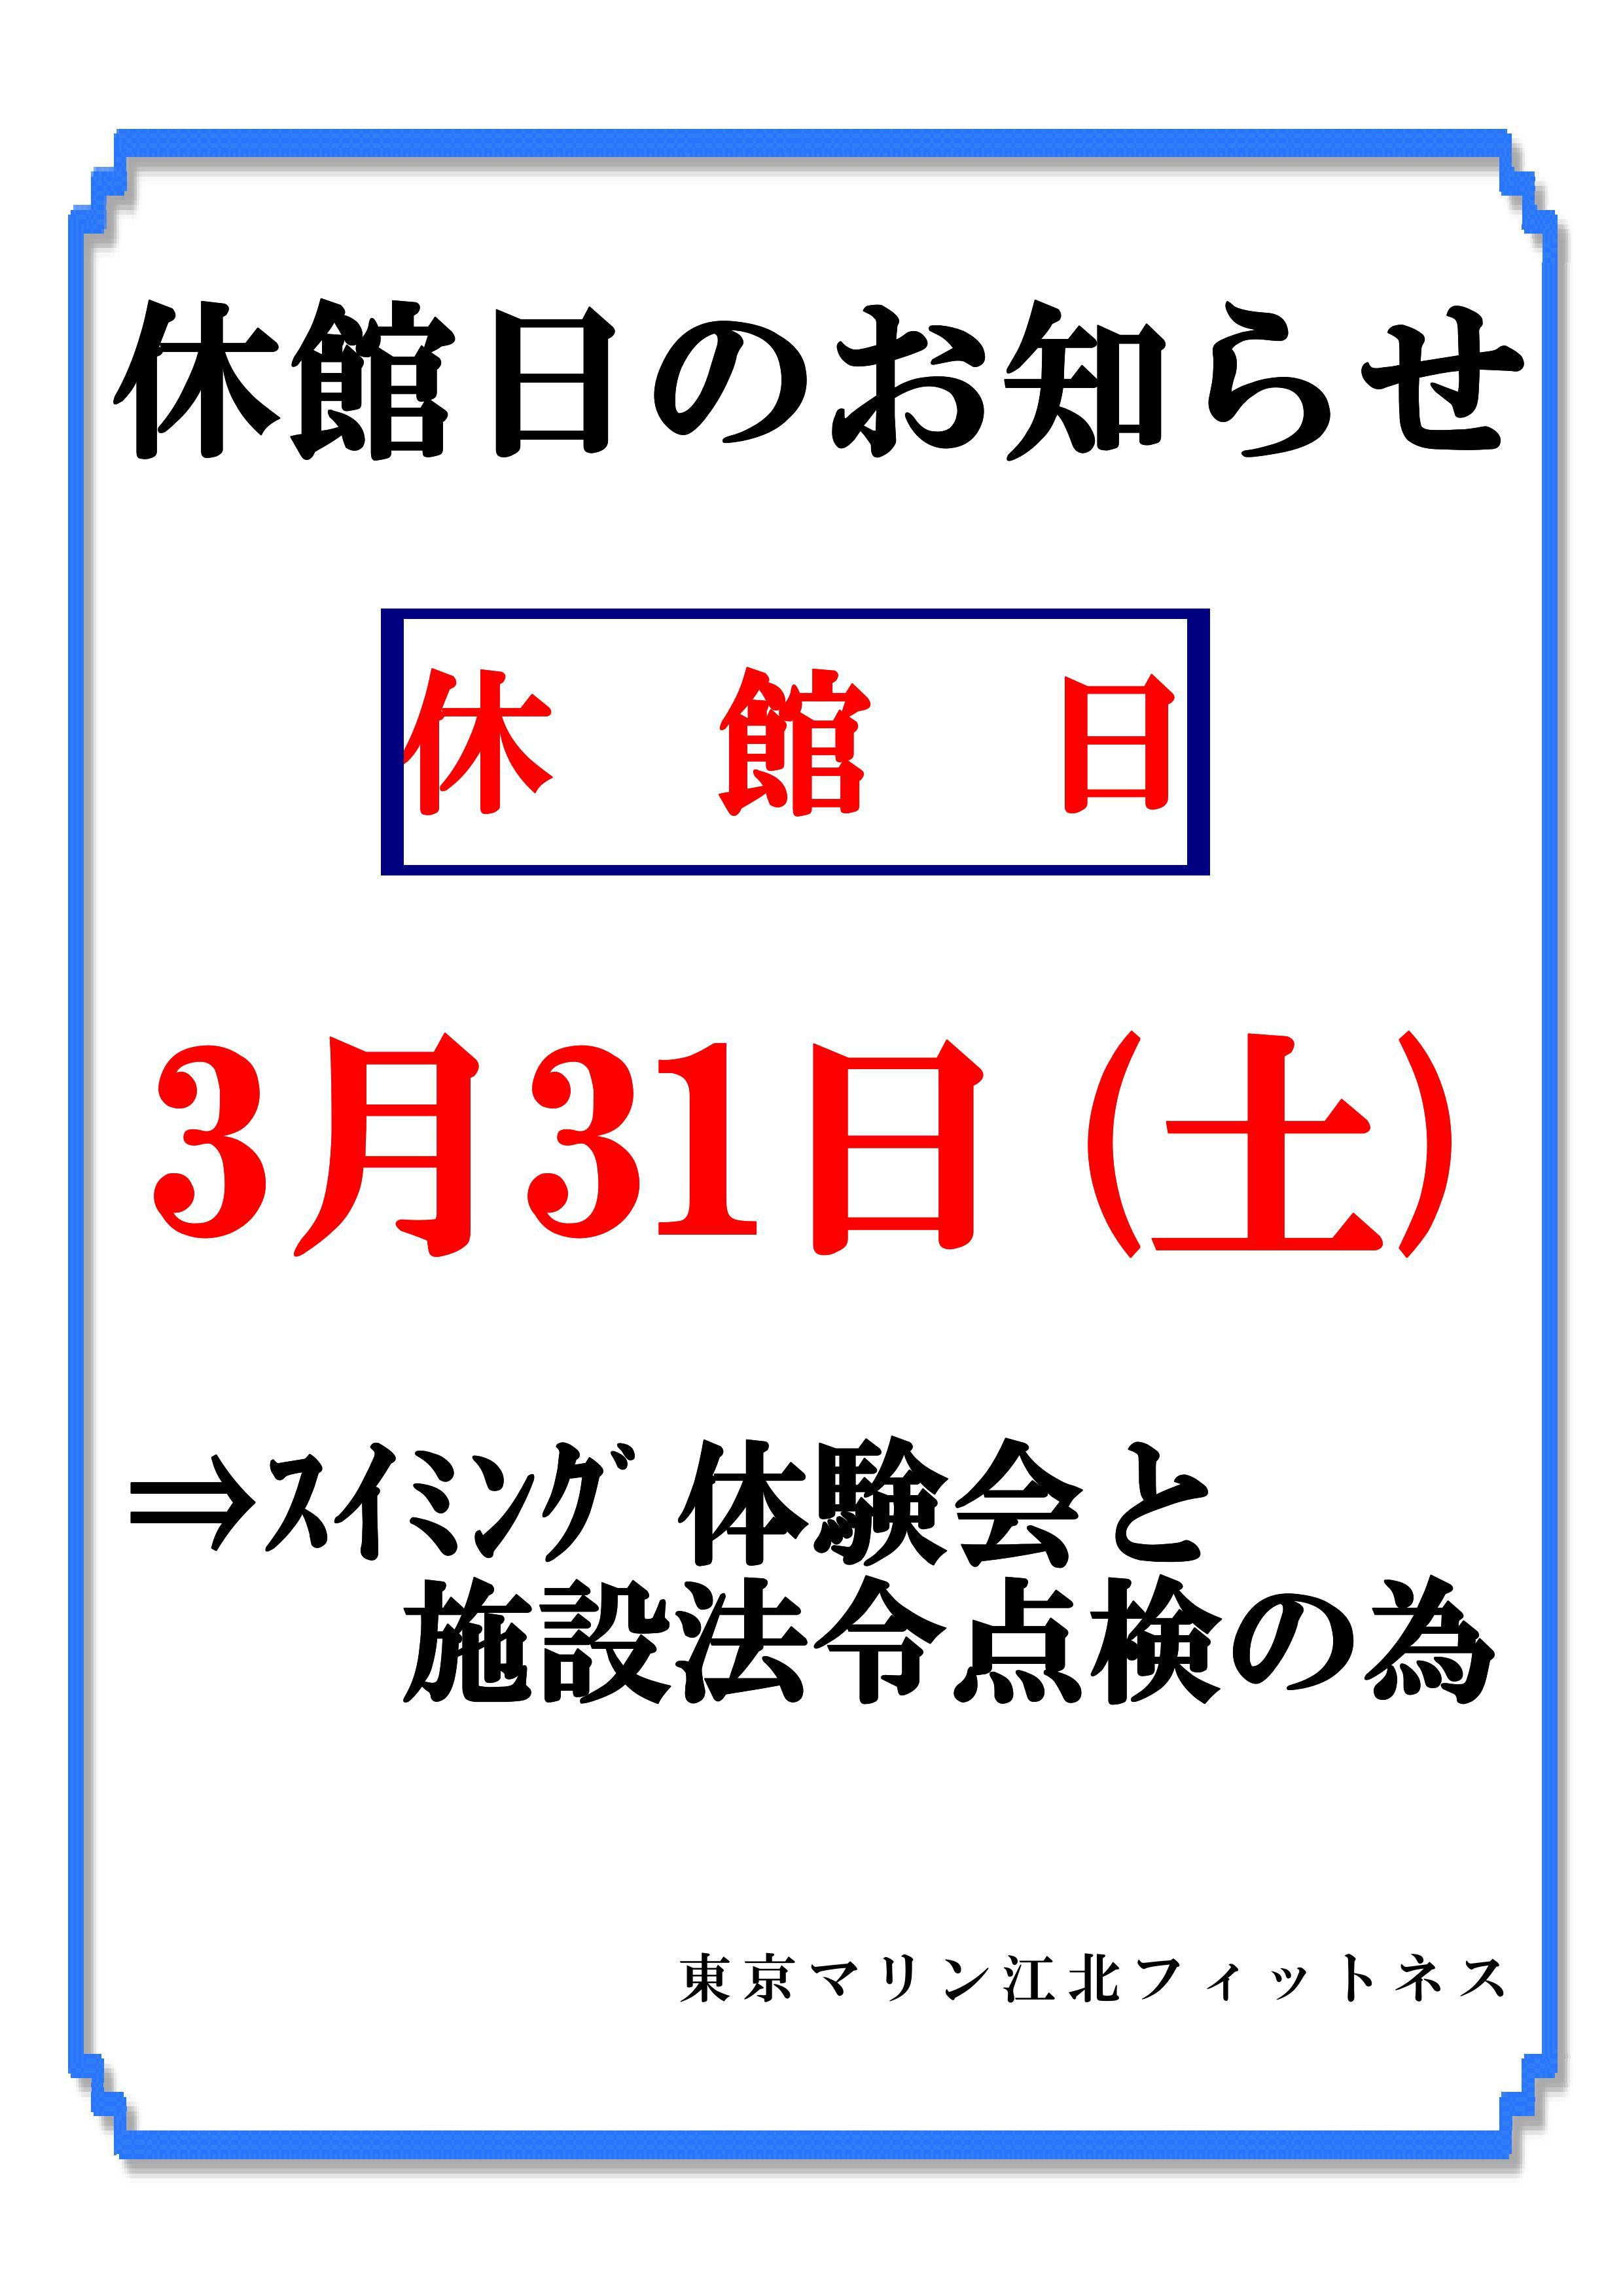 2018年3月31日(土) 施設休館日のお知らせ